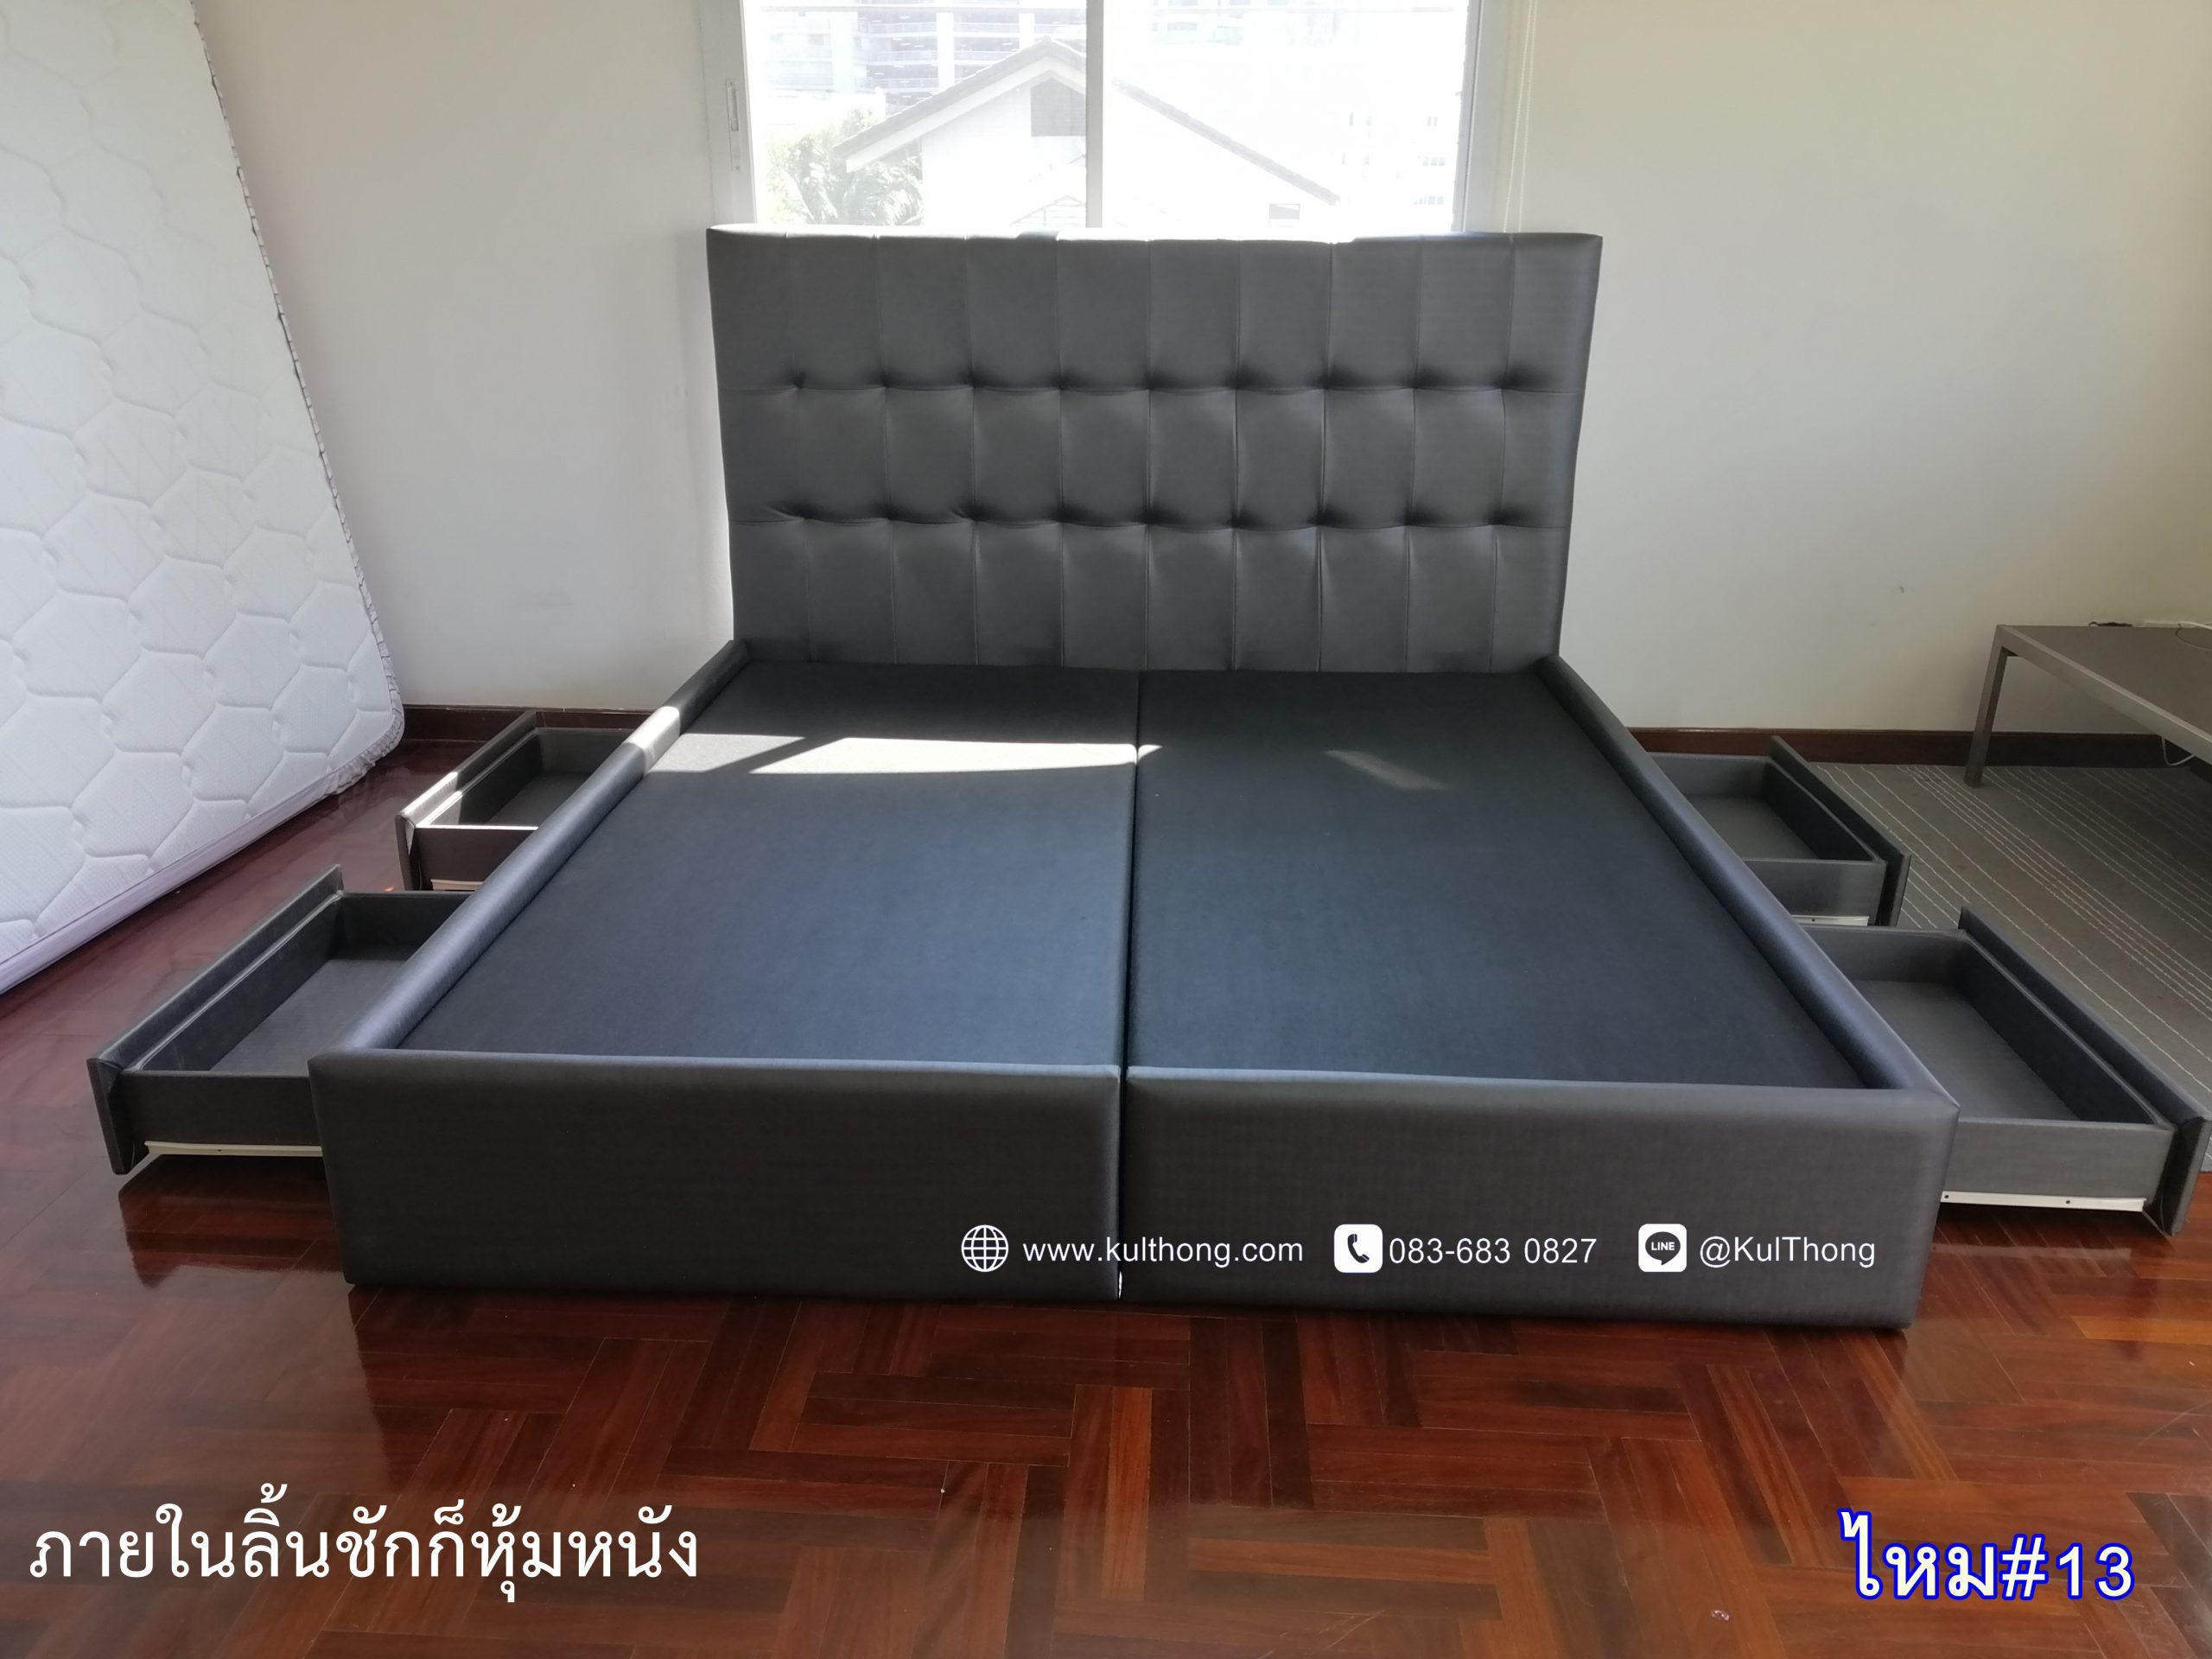 เตียงลิ้นชักหุ้มหนัง ฐานรองที่นอน ฐานเตียงนอน